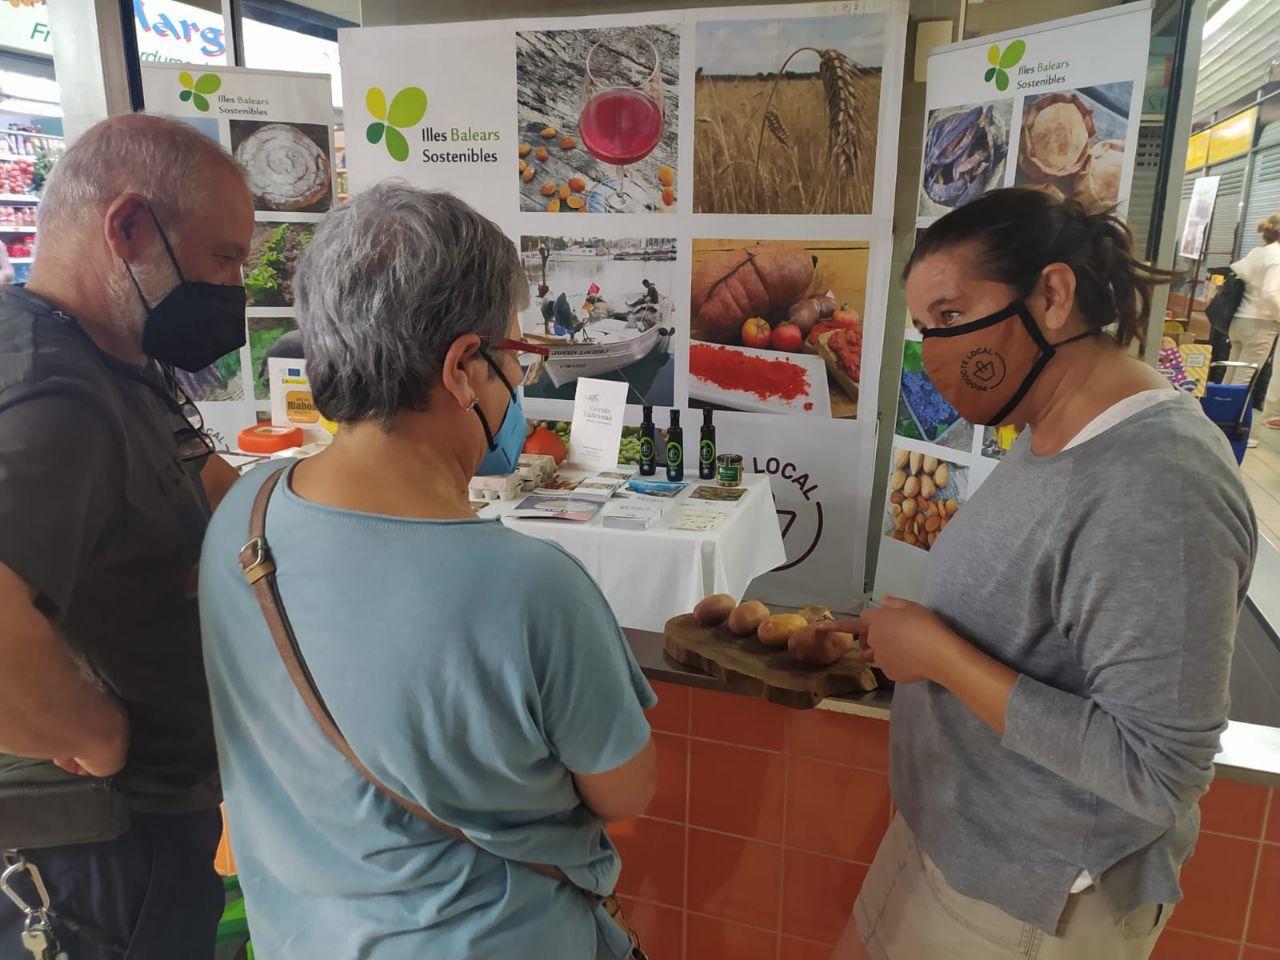 Projecte de dinamització dels mercats balears - Eivissa |CAIB